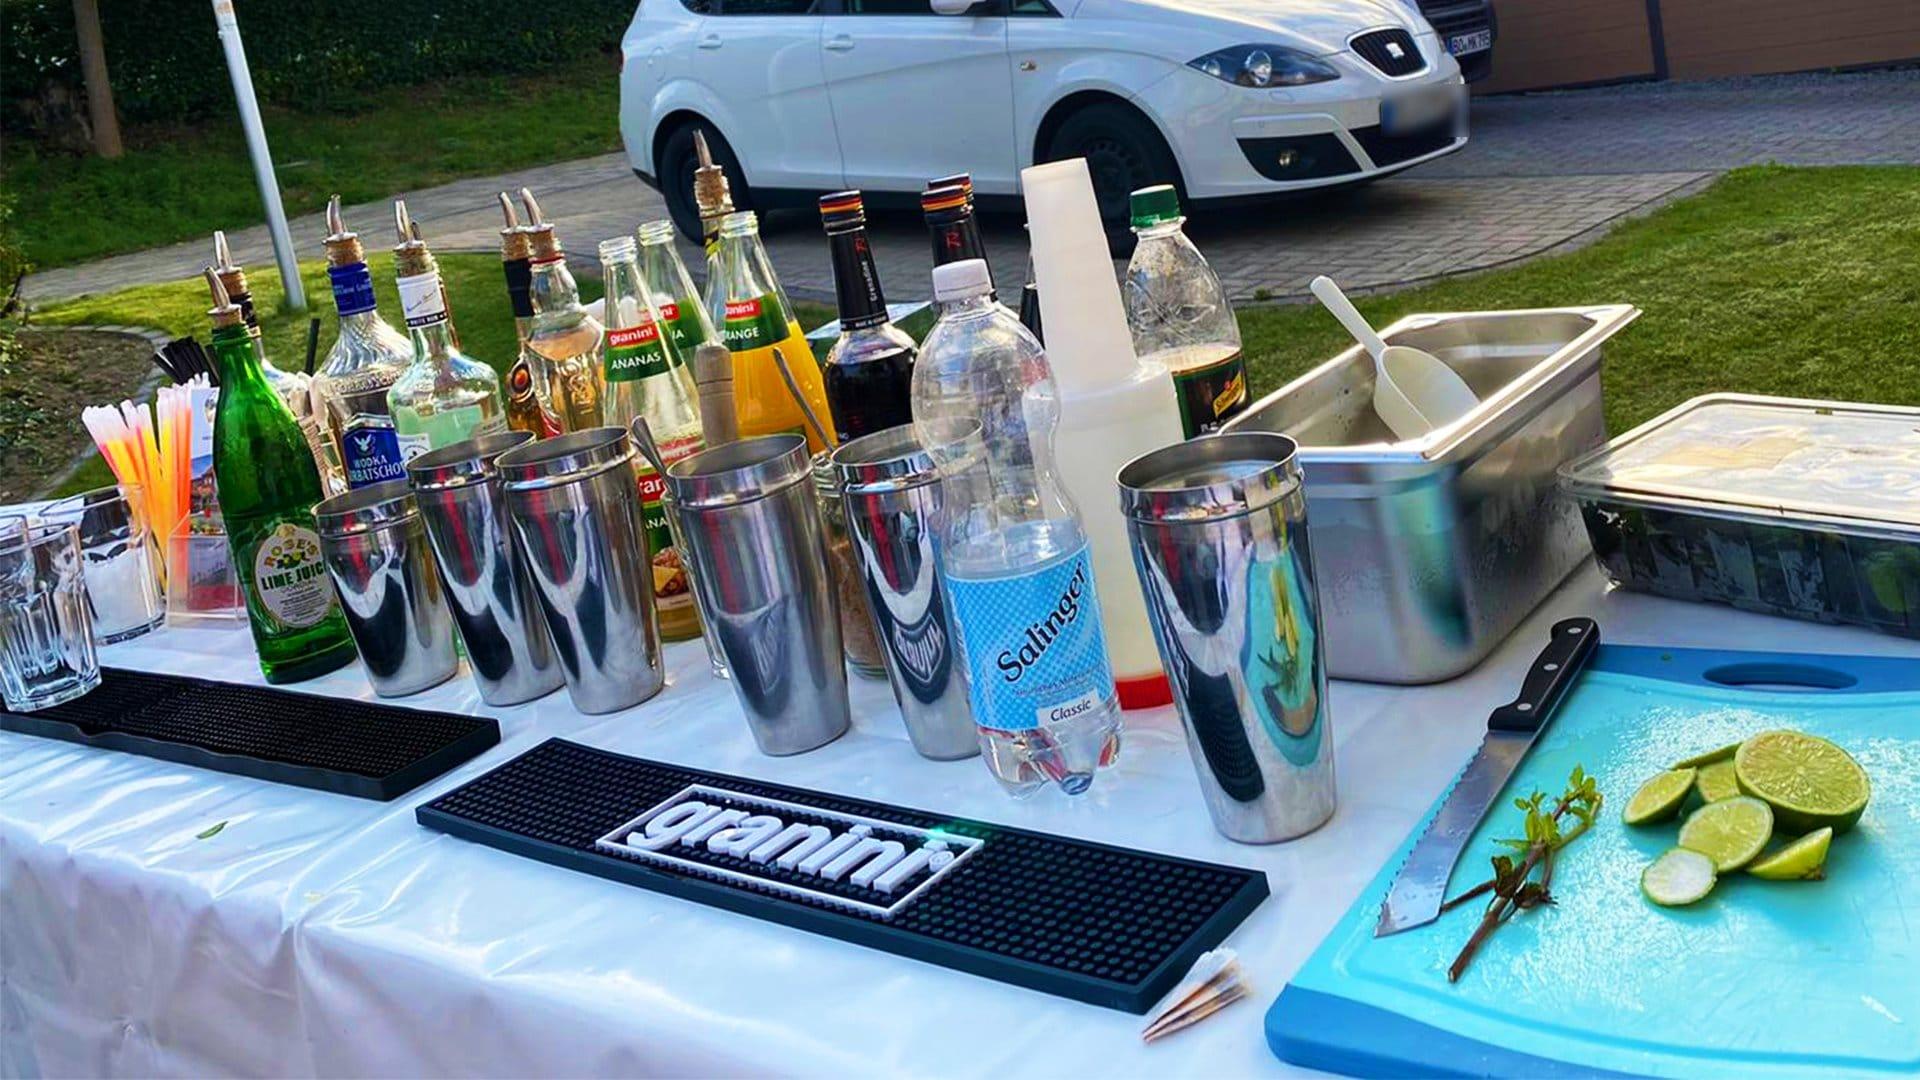 Cocktails Knepper - Cocktailkurs in NRW -Cocktailkurse- mobil, draußen und richtig lecker!